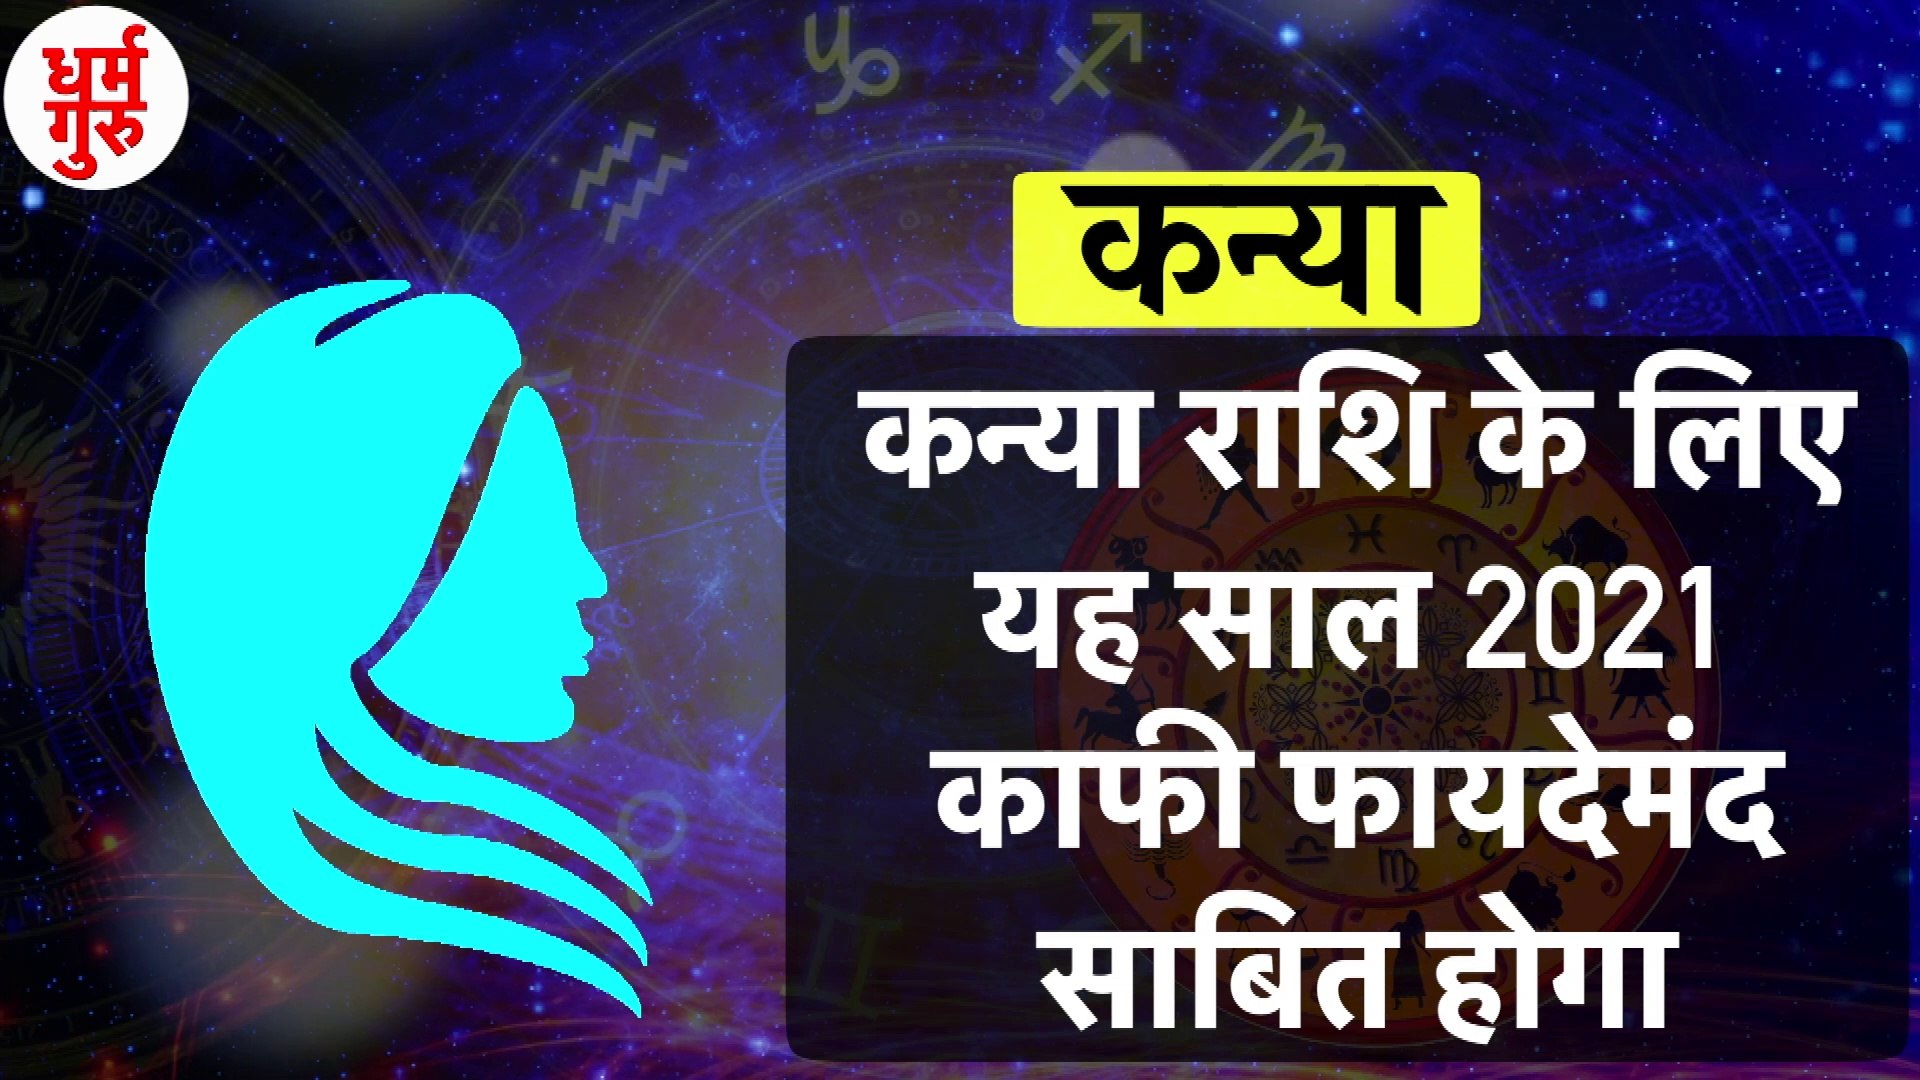 Kanya Rashi 2021 | Horoscope  2021 | कन्या राशि साल 2020 राशिफल | कन्या rashifal  2021| कन्या राशिफल